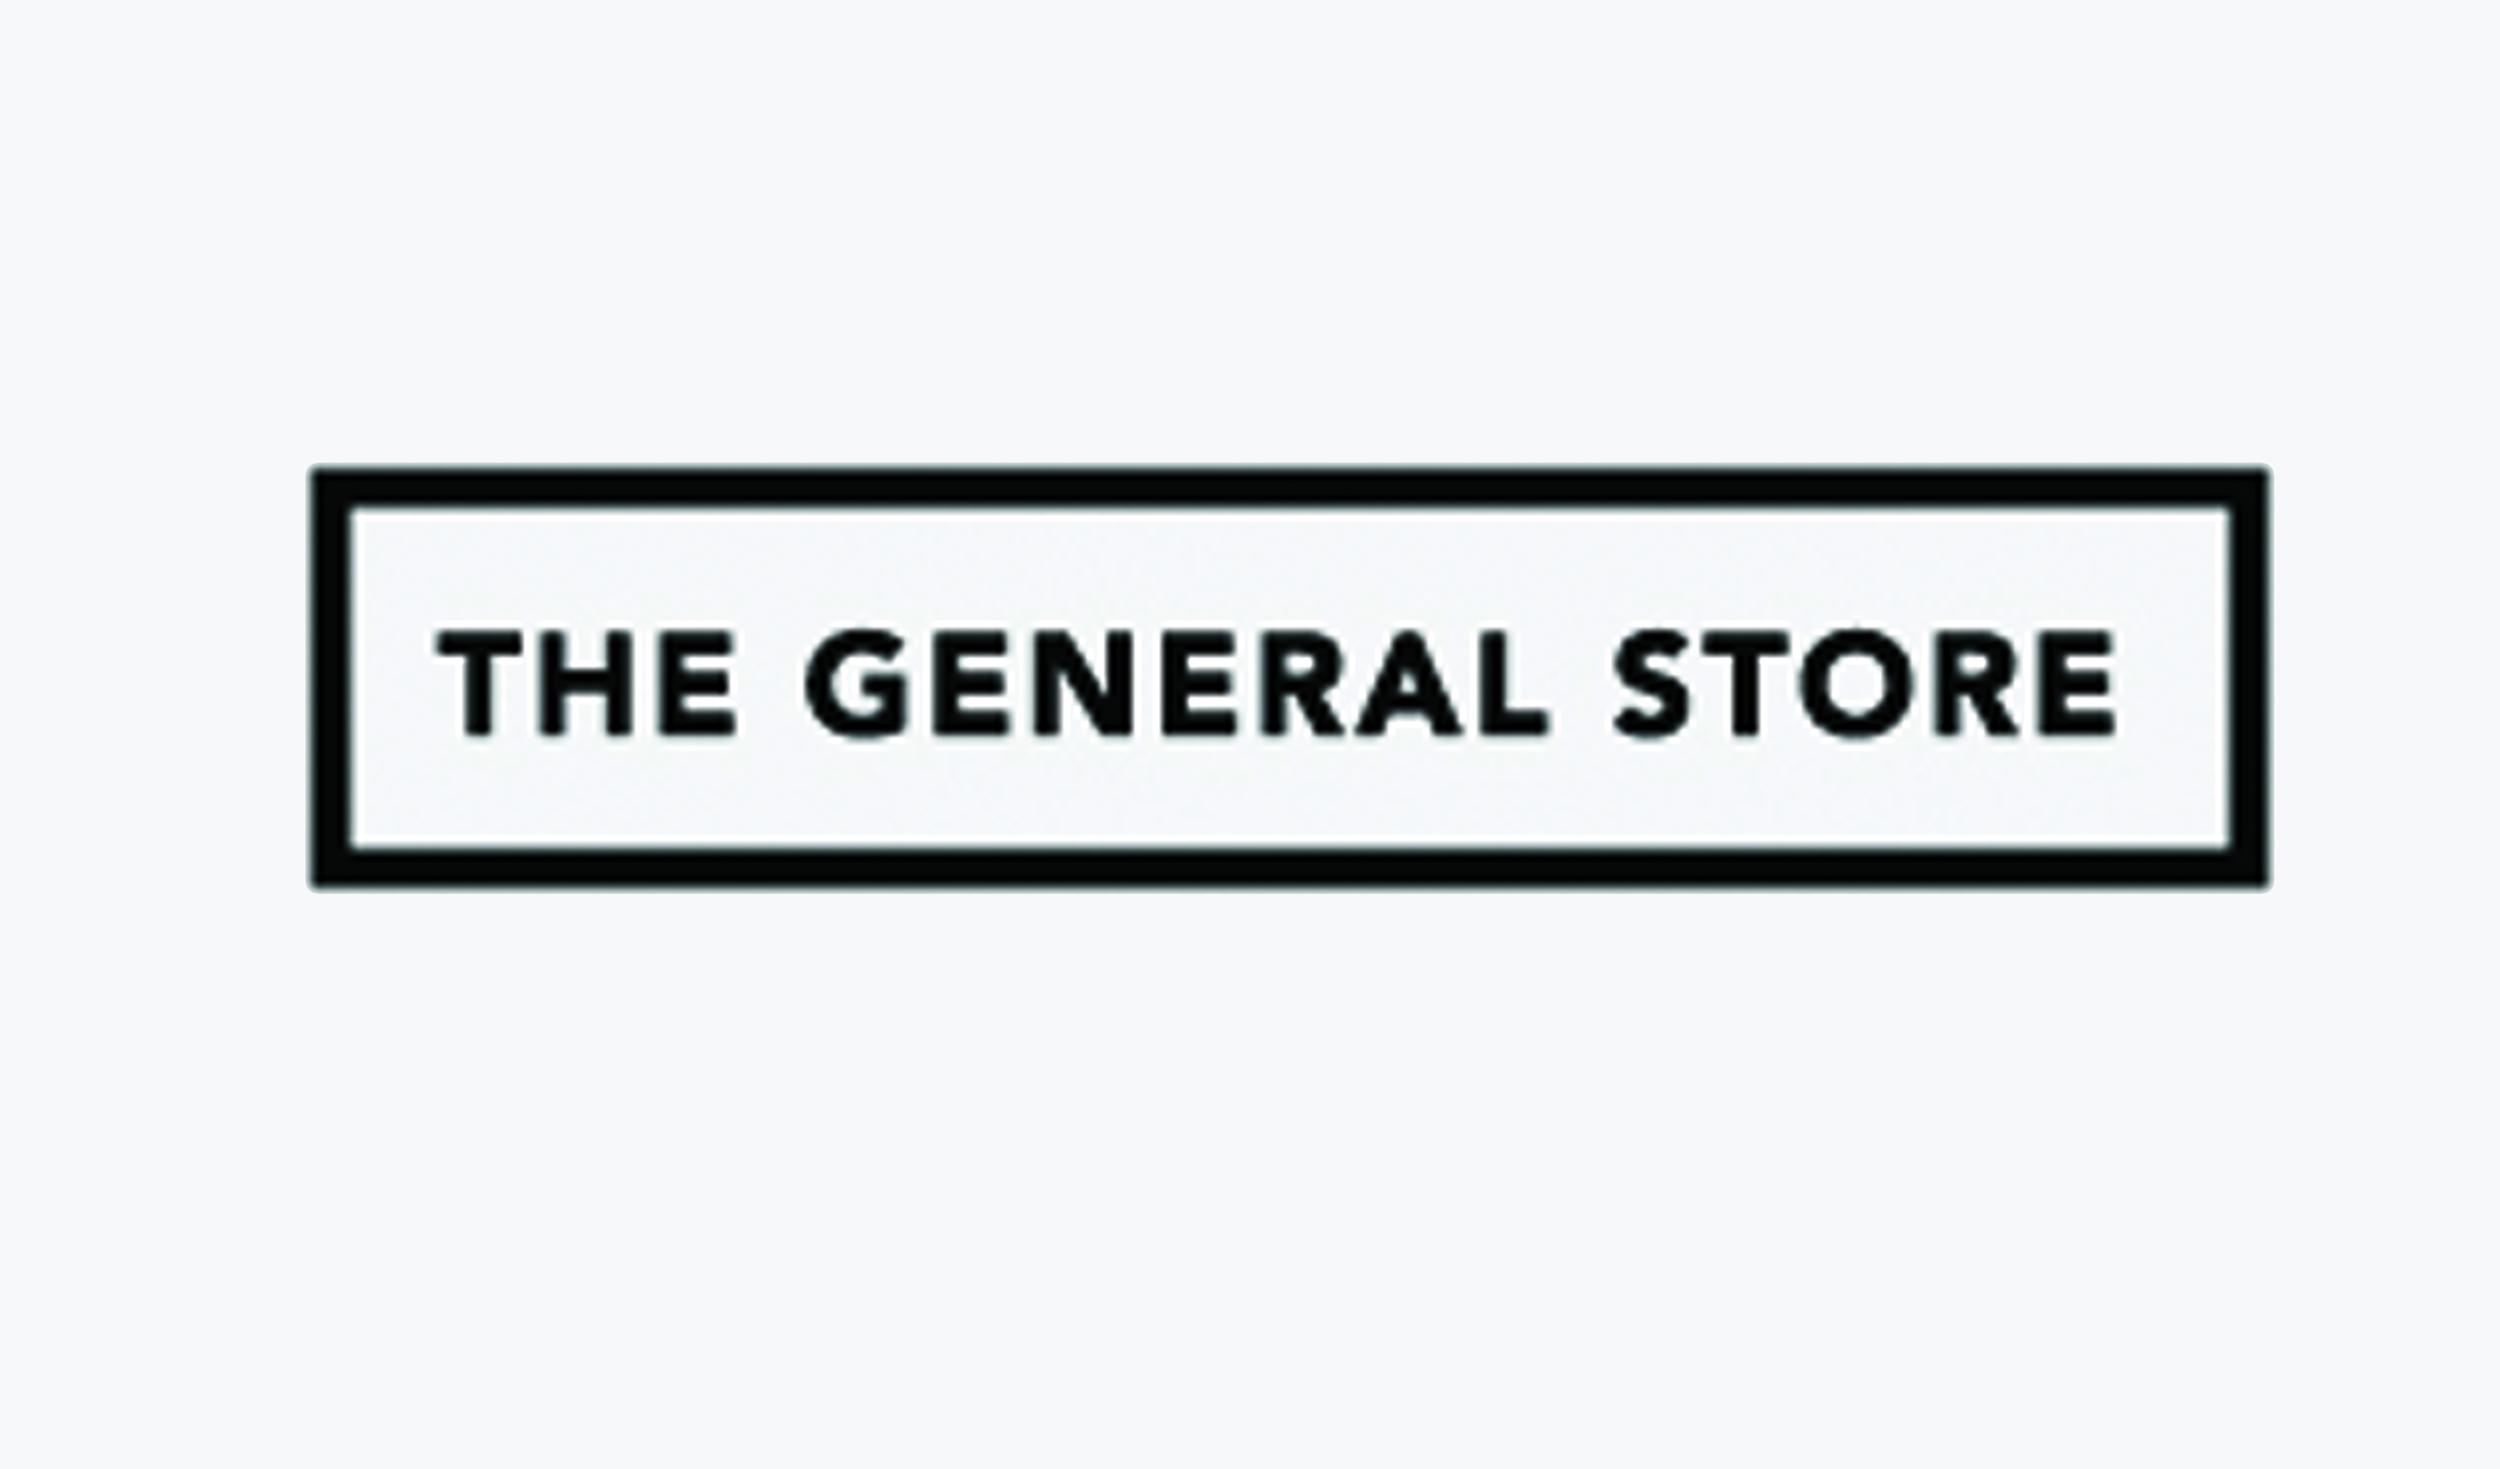 GENERAL STORE 1 copy.jpg